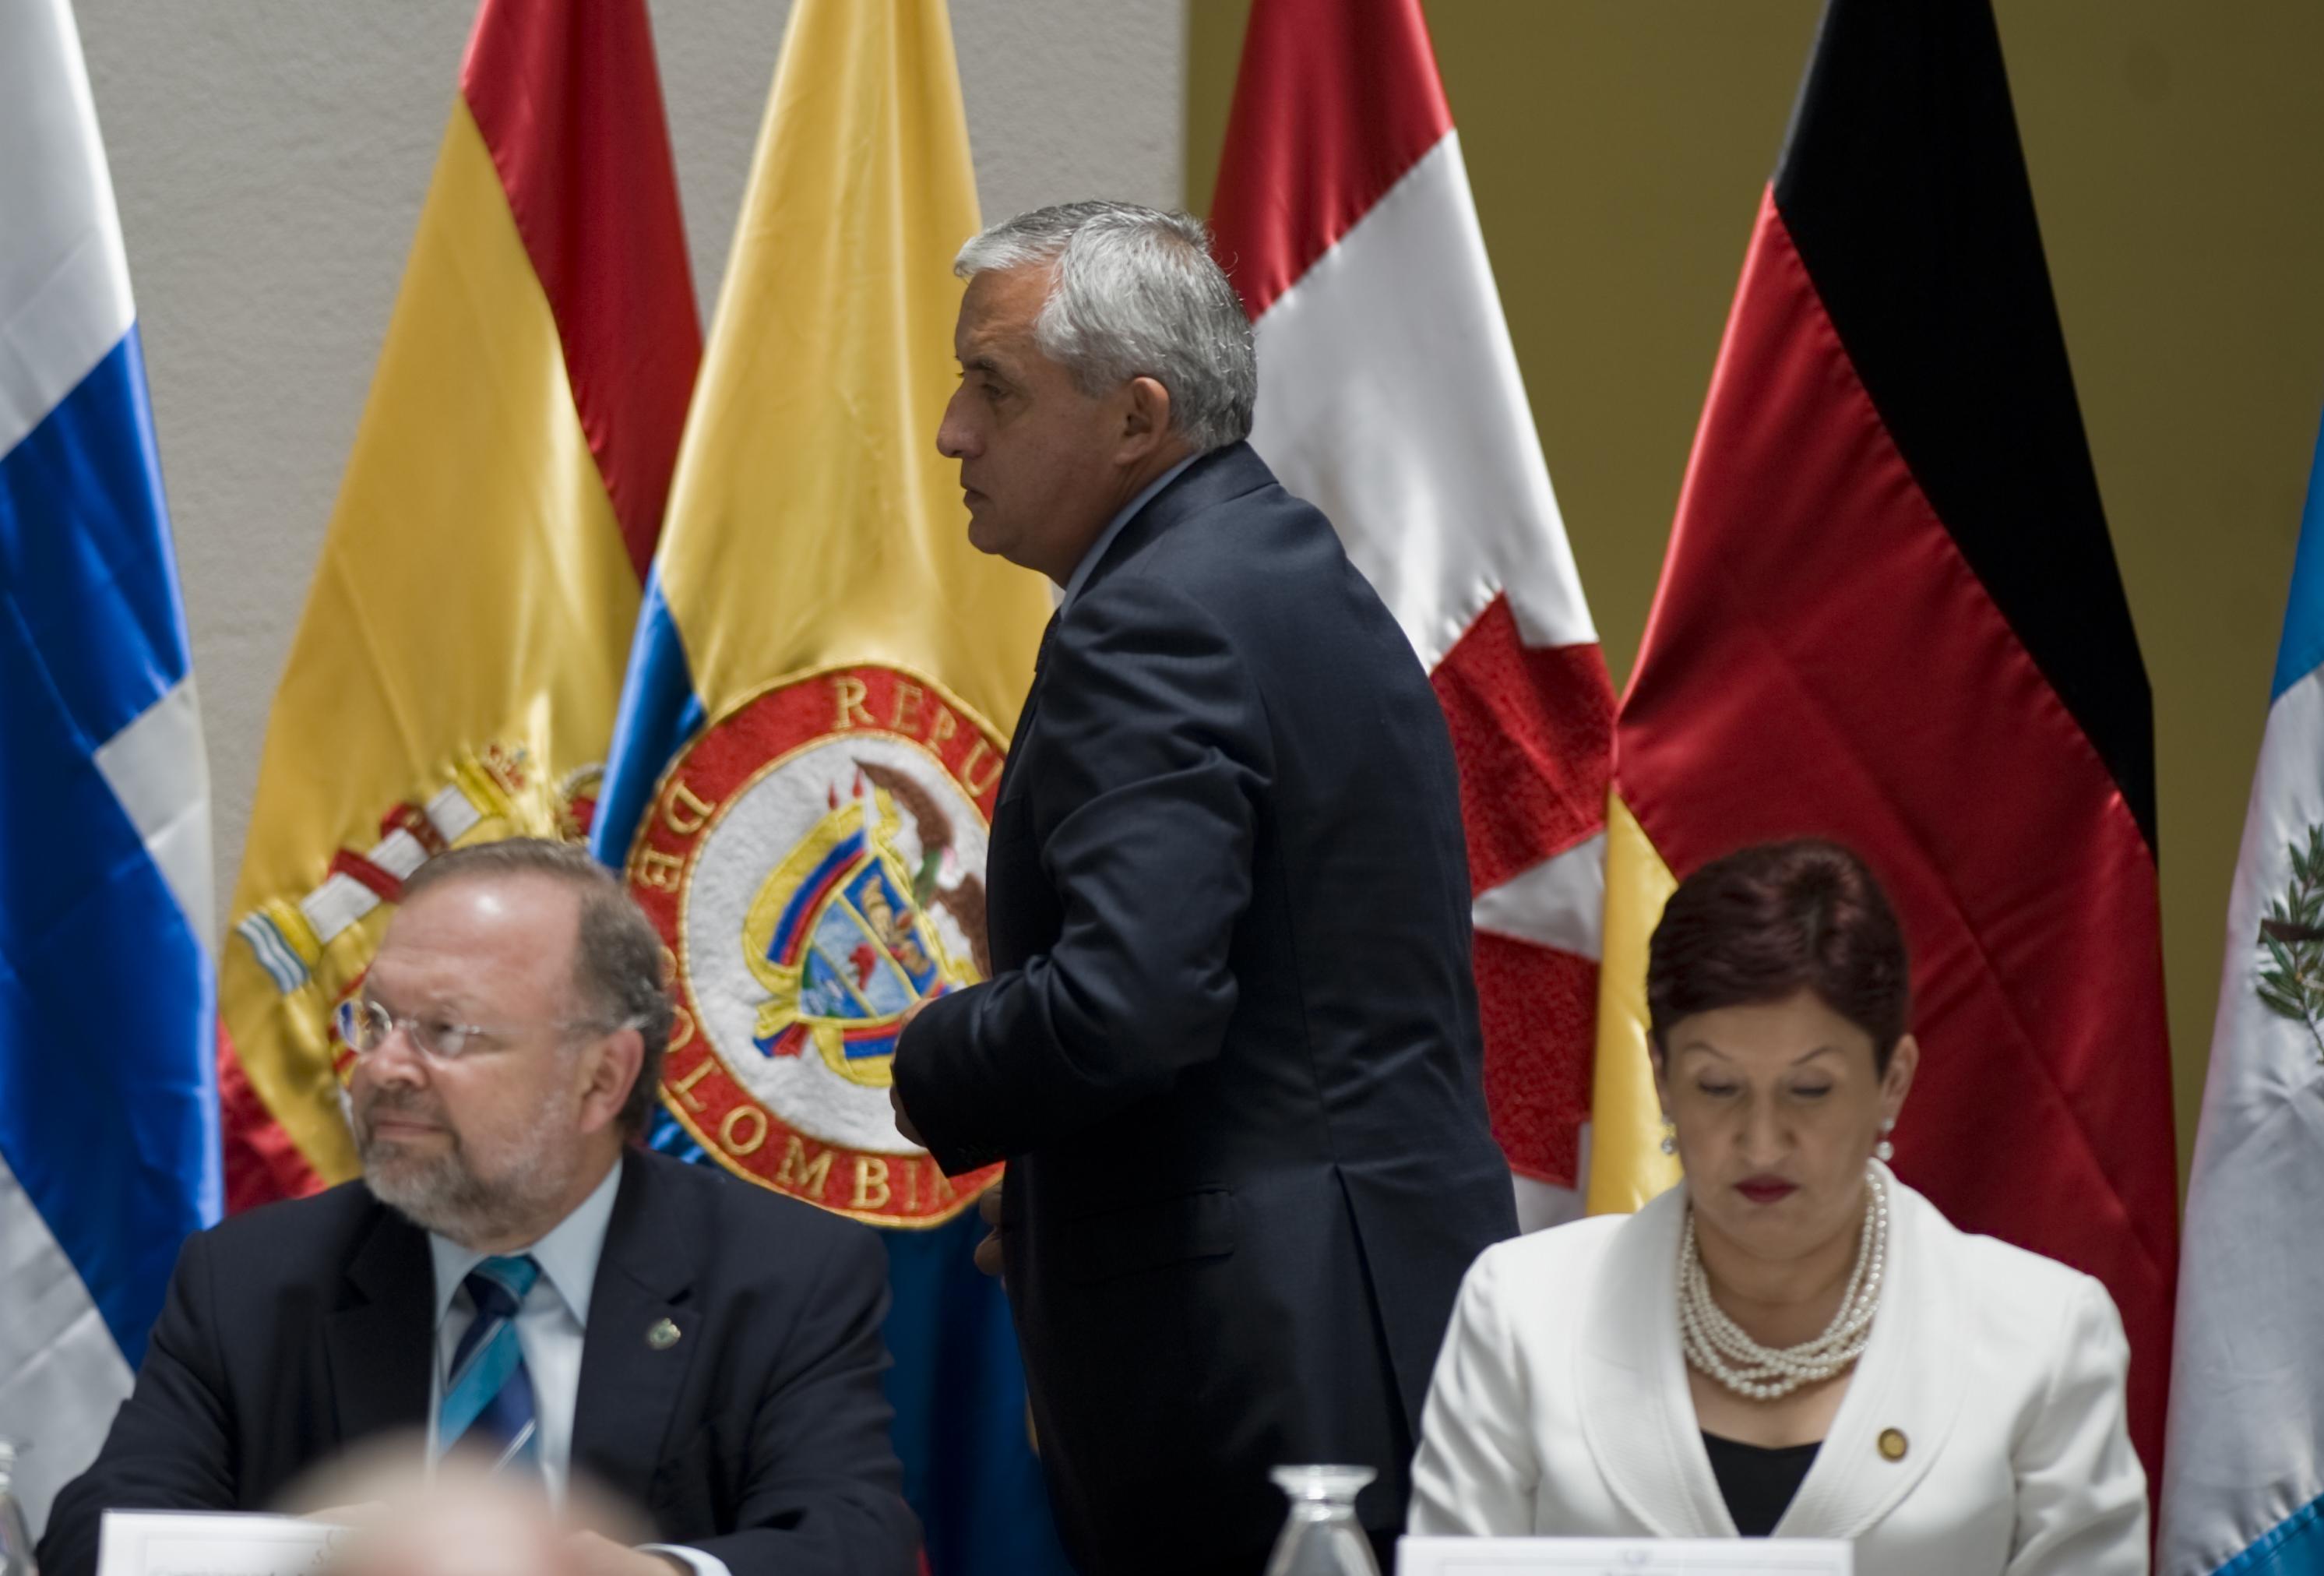 El expresidente nombró como fiscal general a Aldana el 9 de mayo del 2014. (Crédito: JOHAN ORDÓÑEZ/AFP/GettyImages)